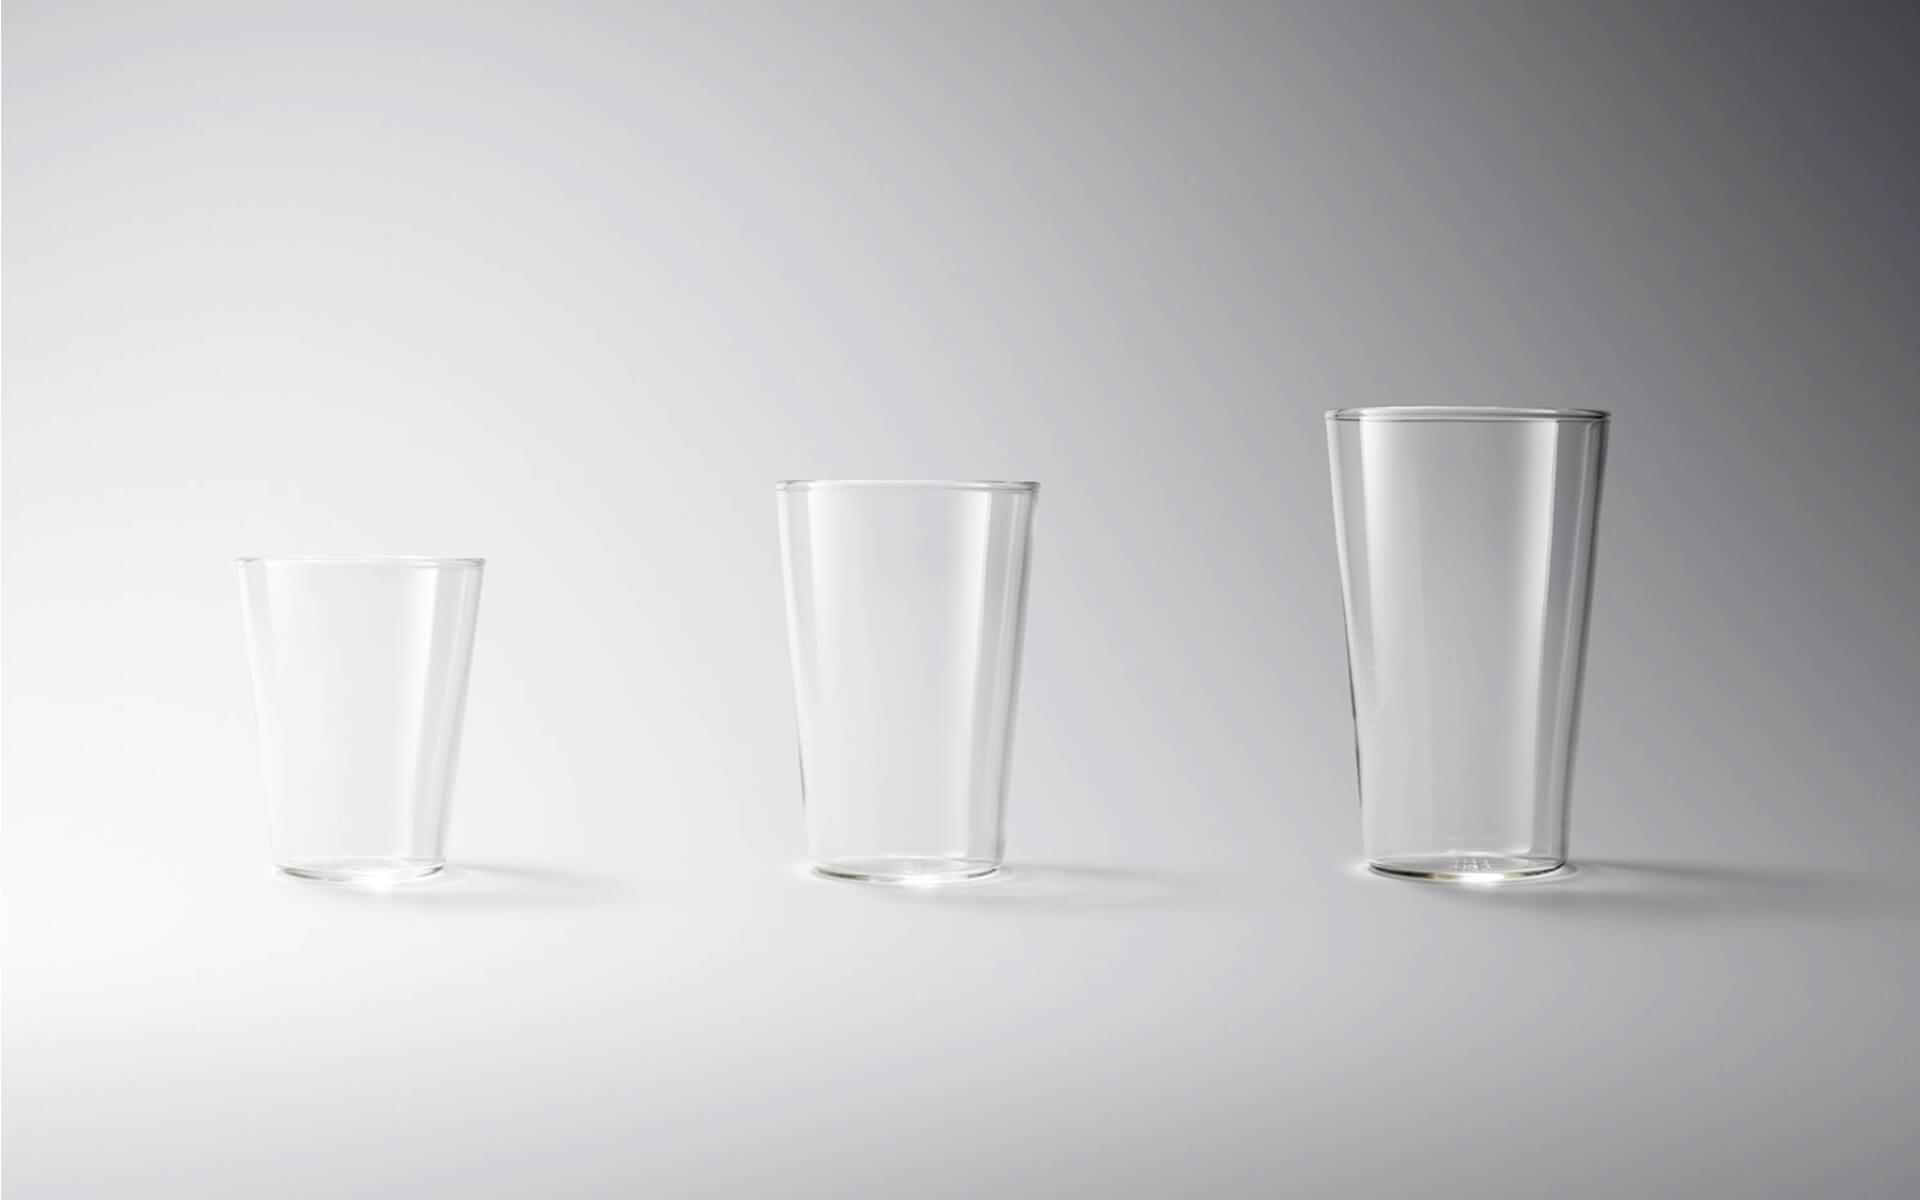 デザインのゼロ地点 第6回:グラス